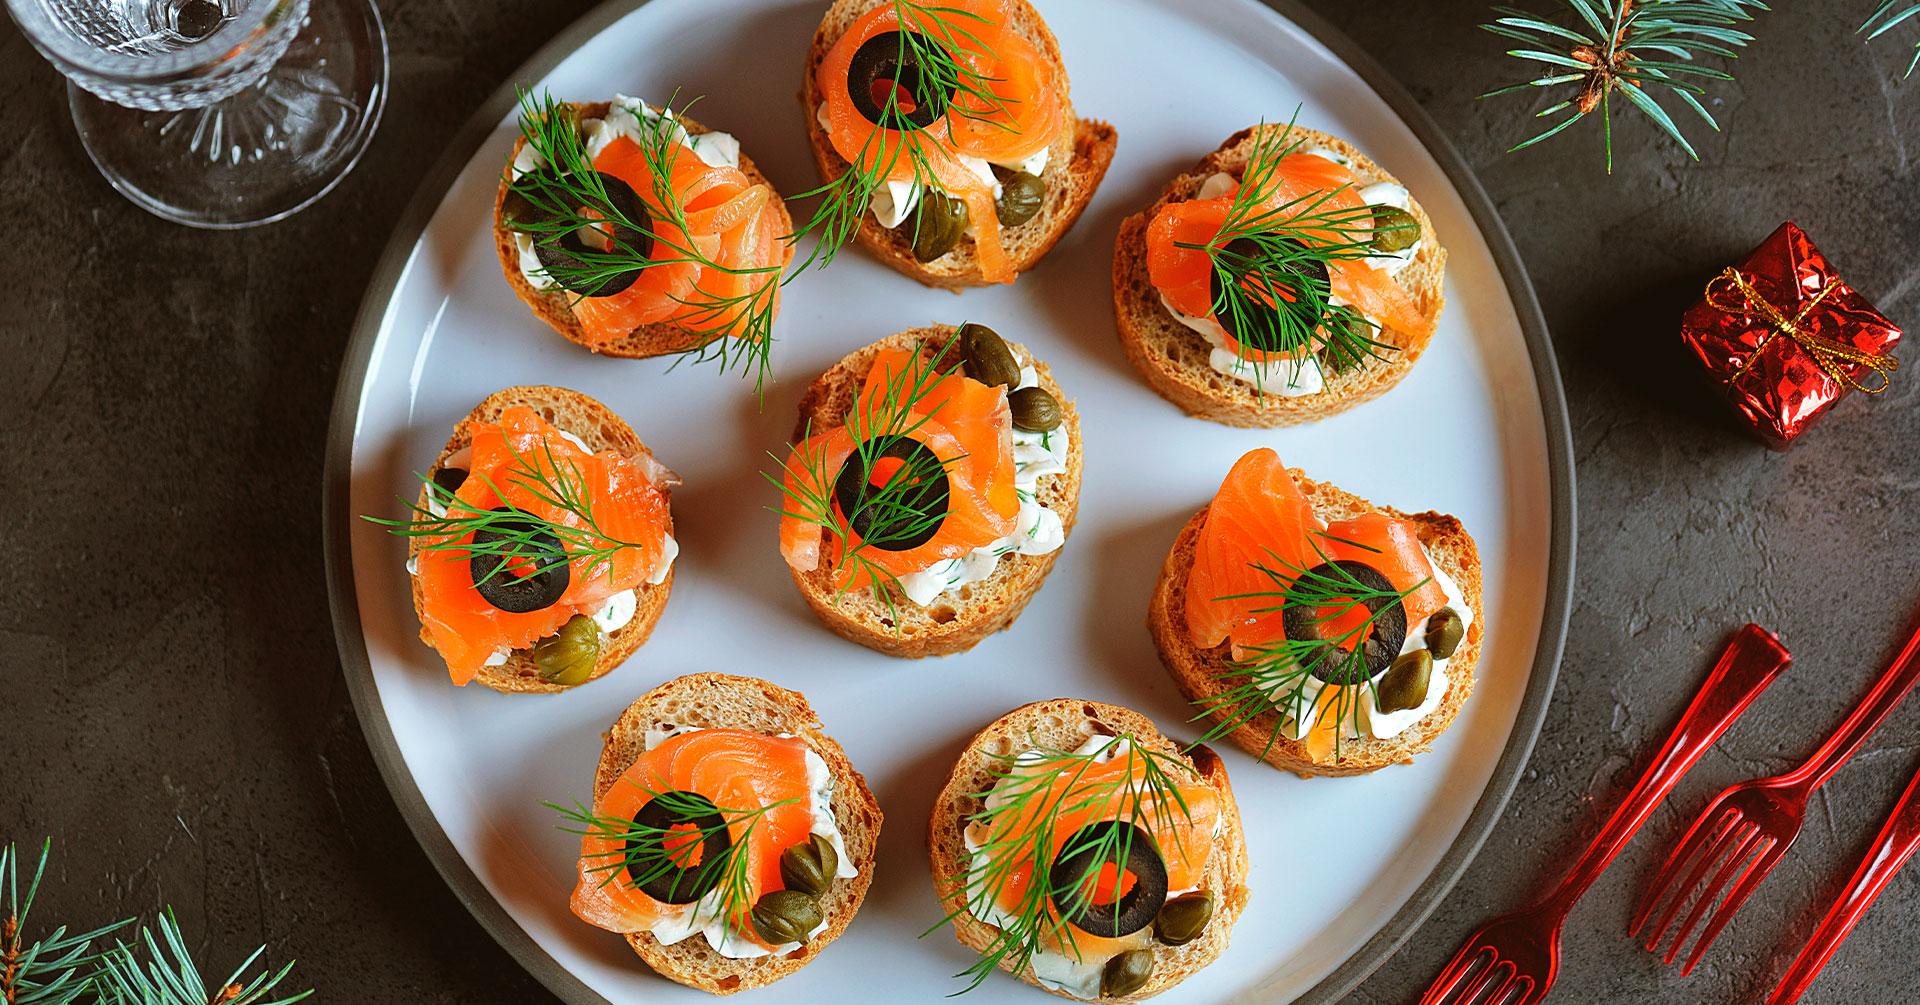 Canapés de salmón con pan de avena